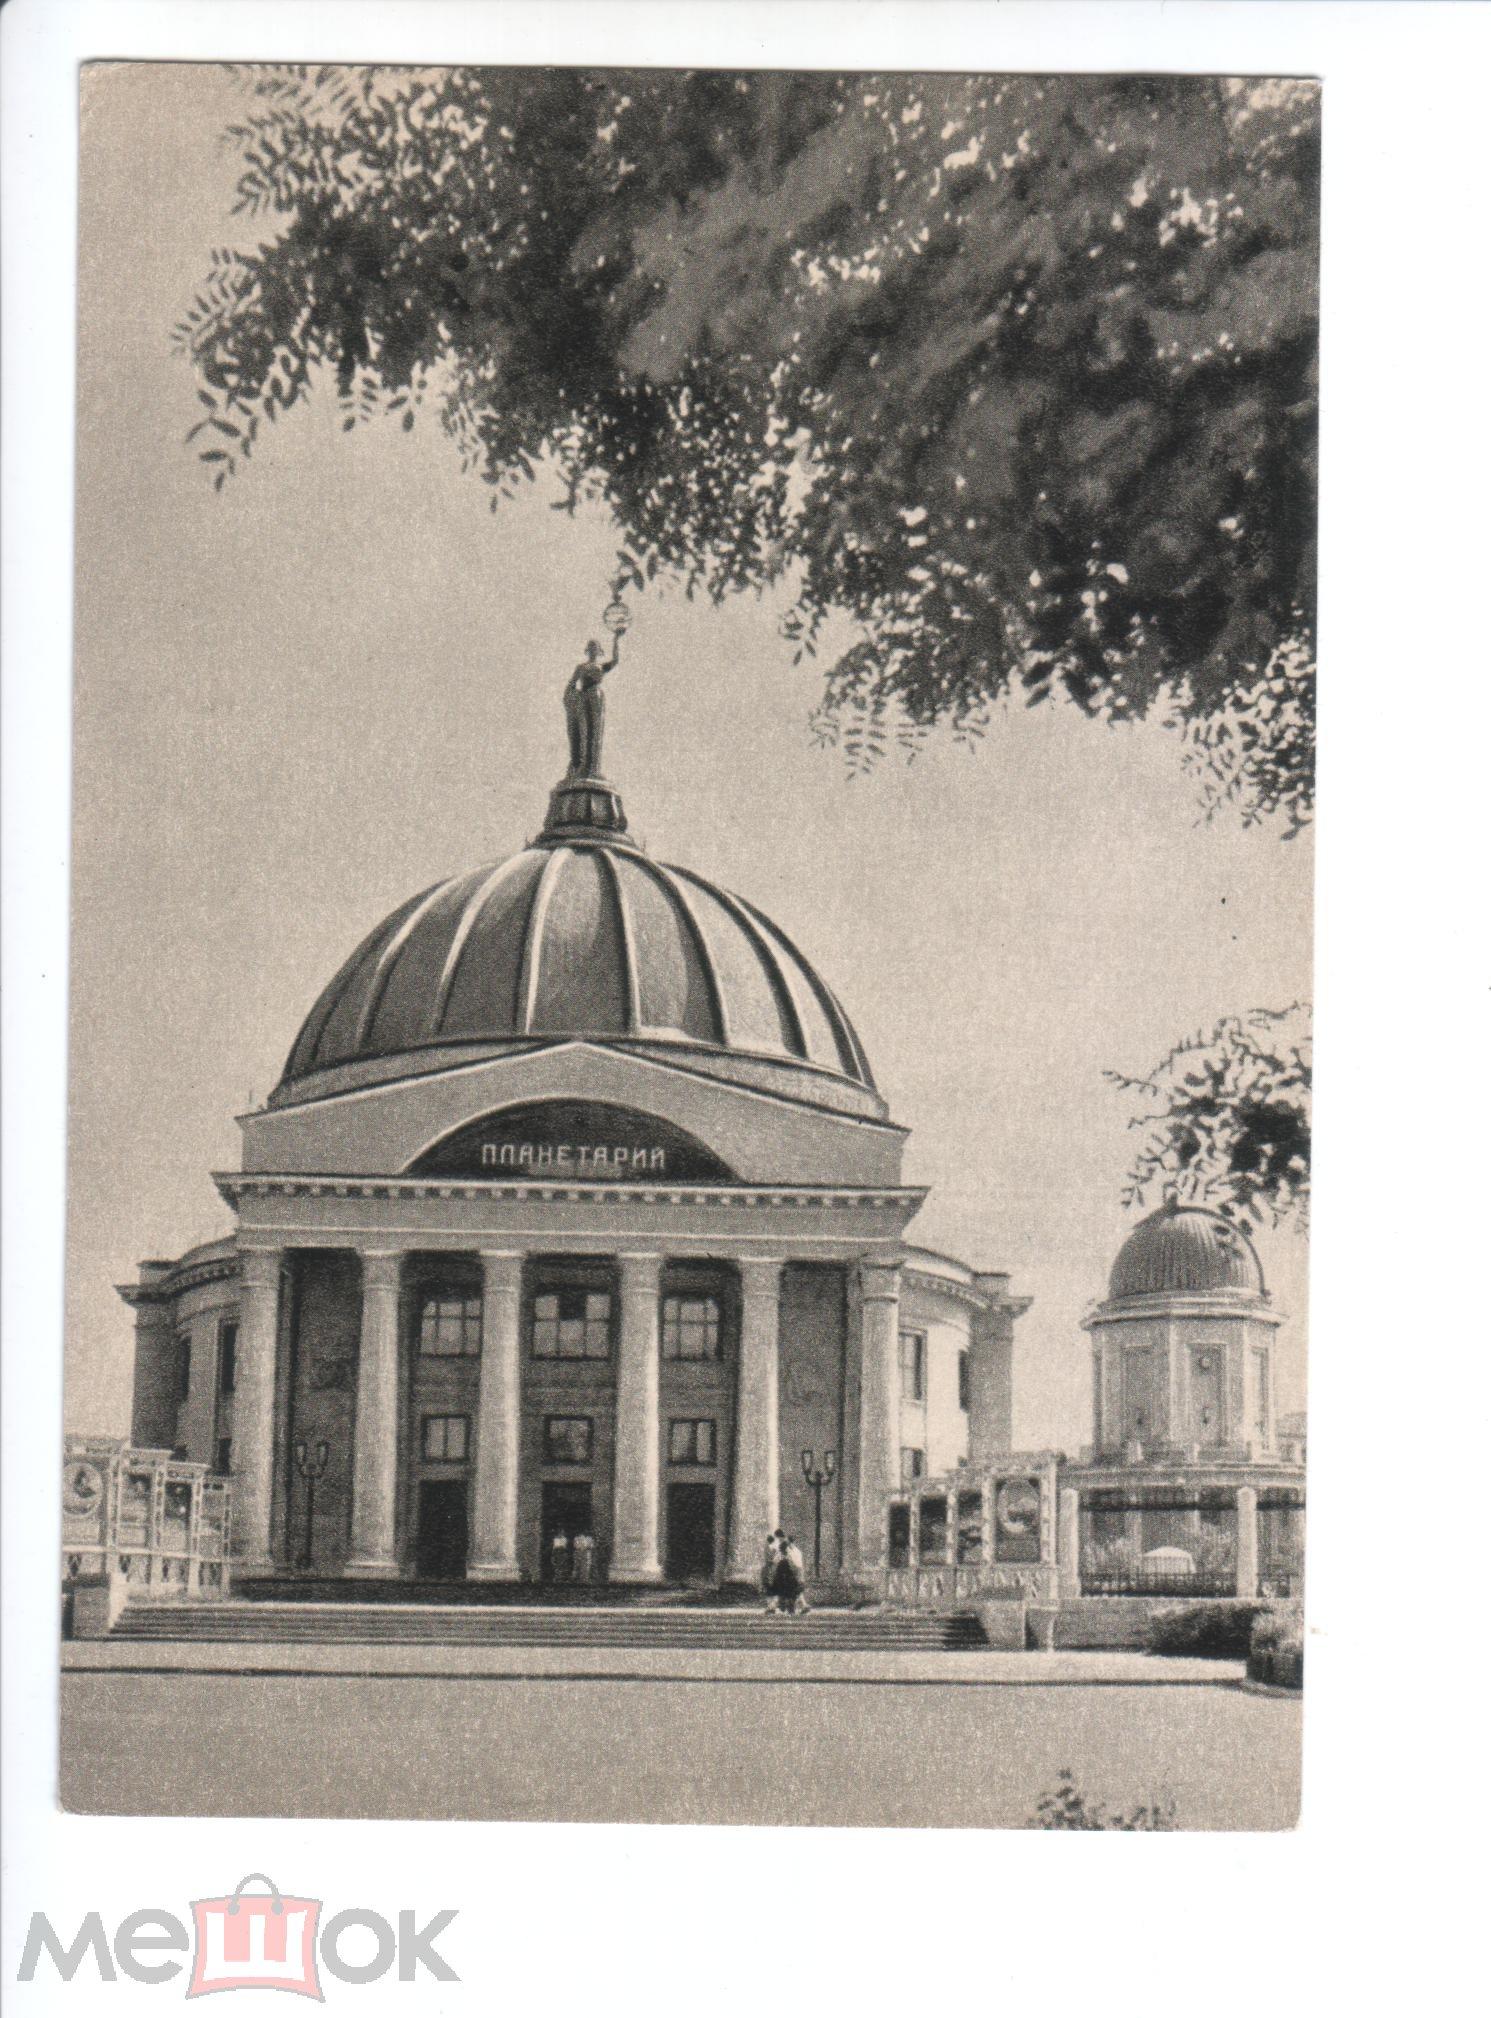 Открытки с архитектурой екатеринбурга, годовщина свадьбы года